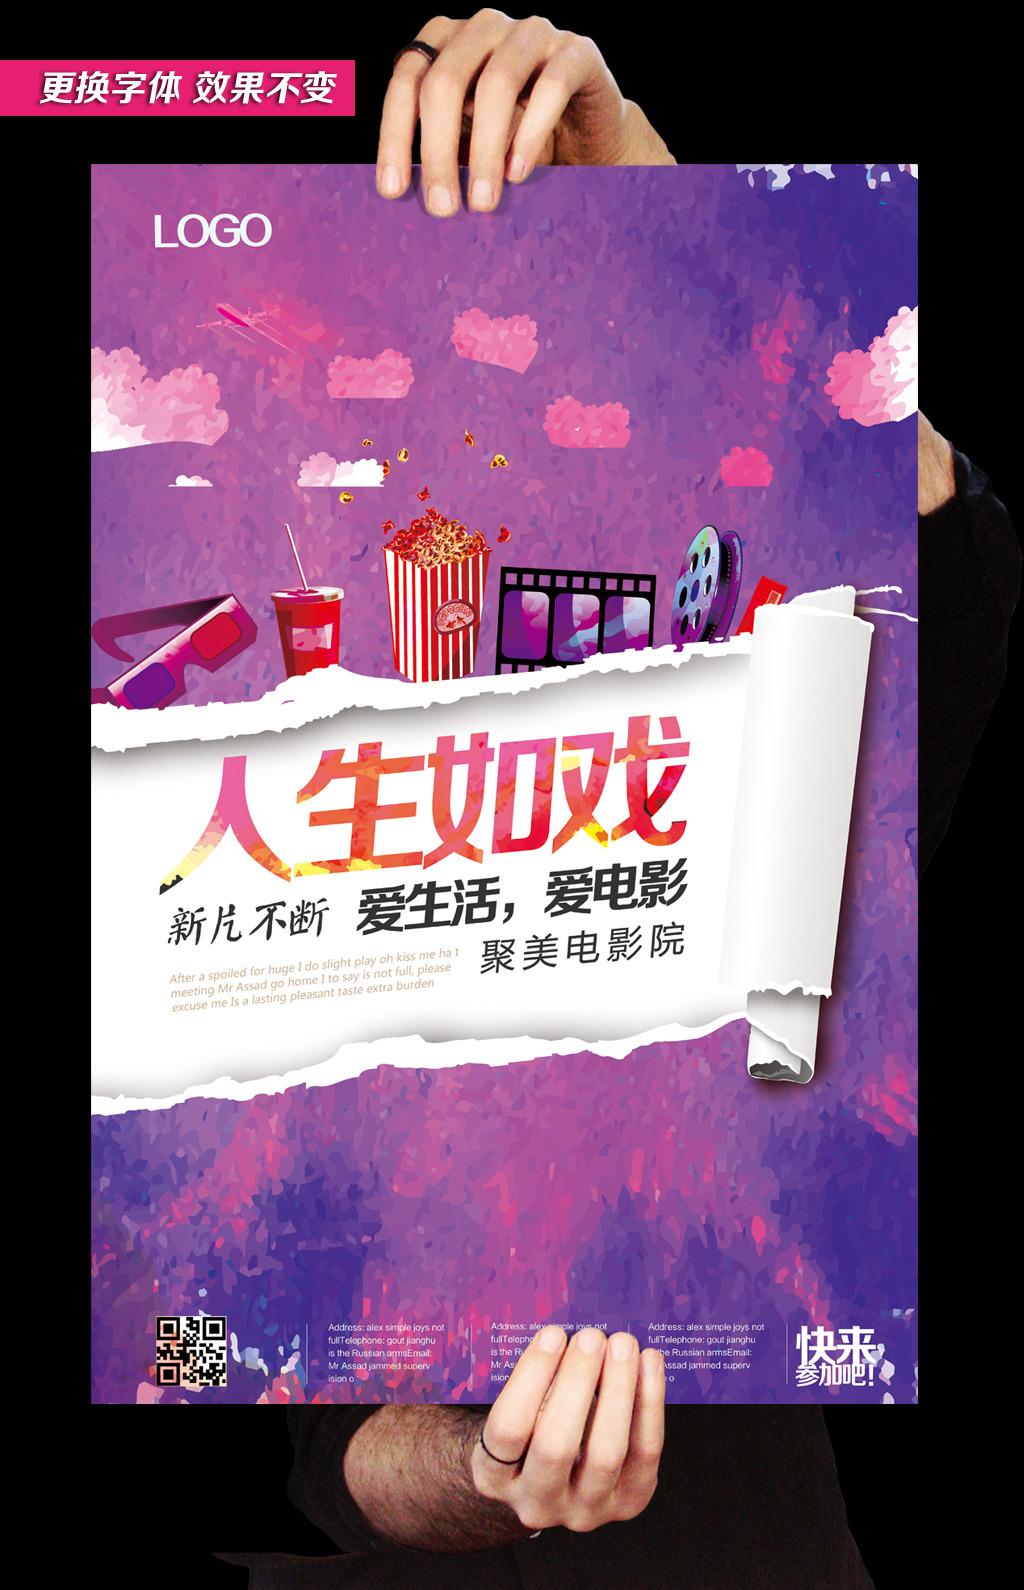 電影院促銷創意海報